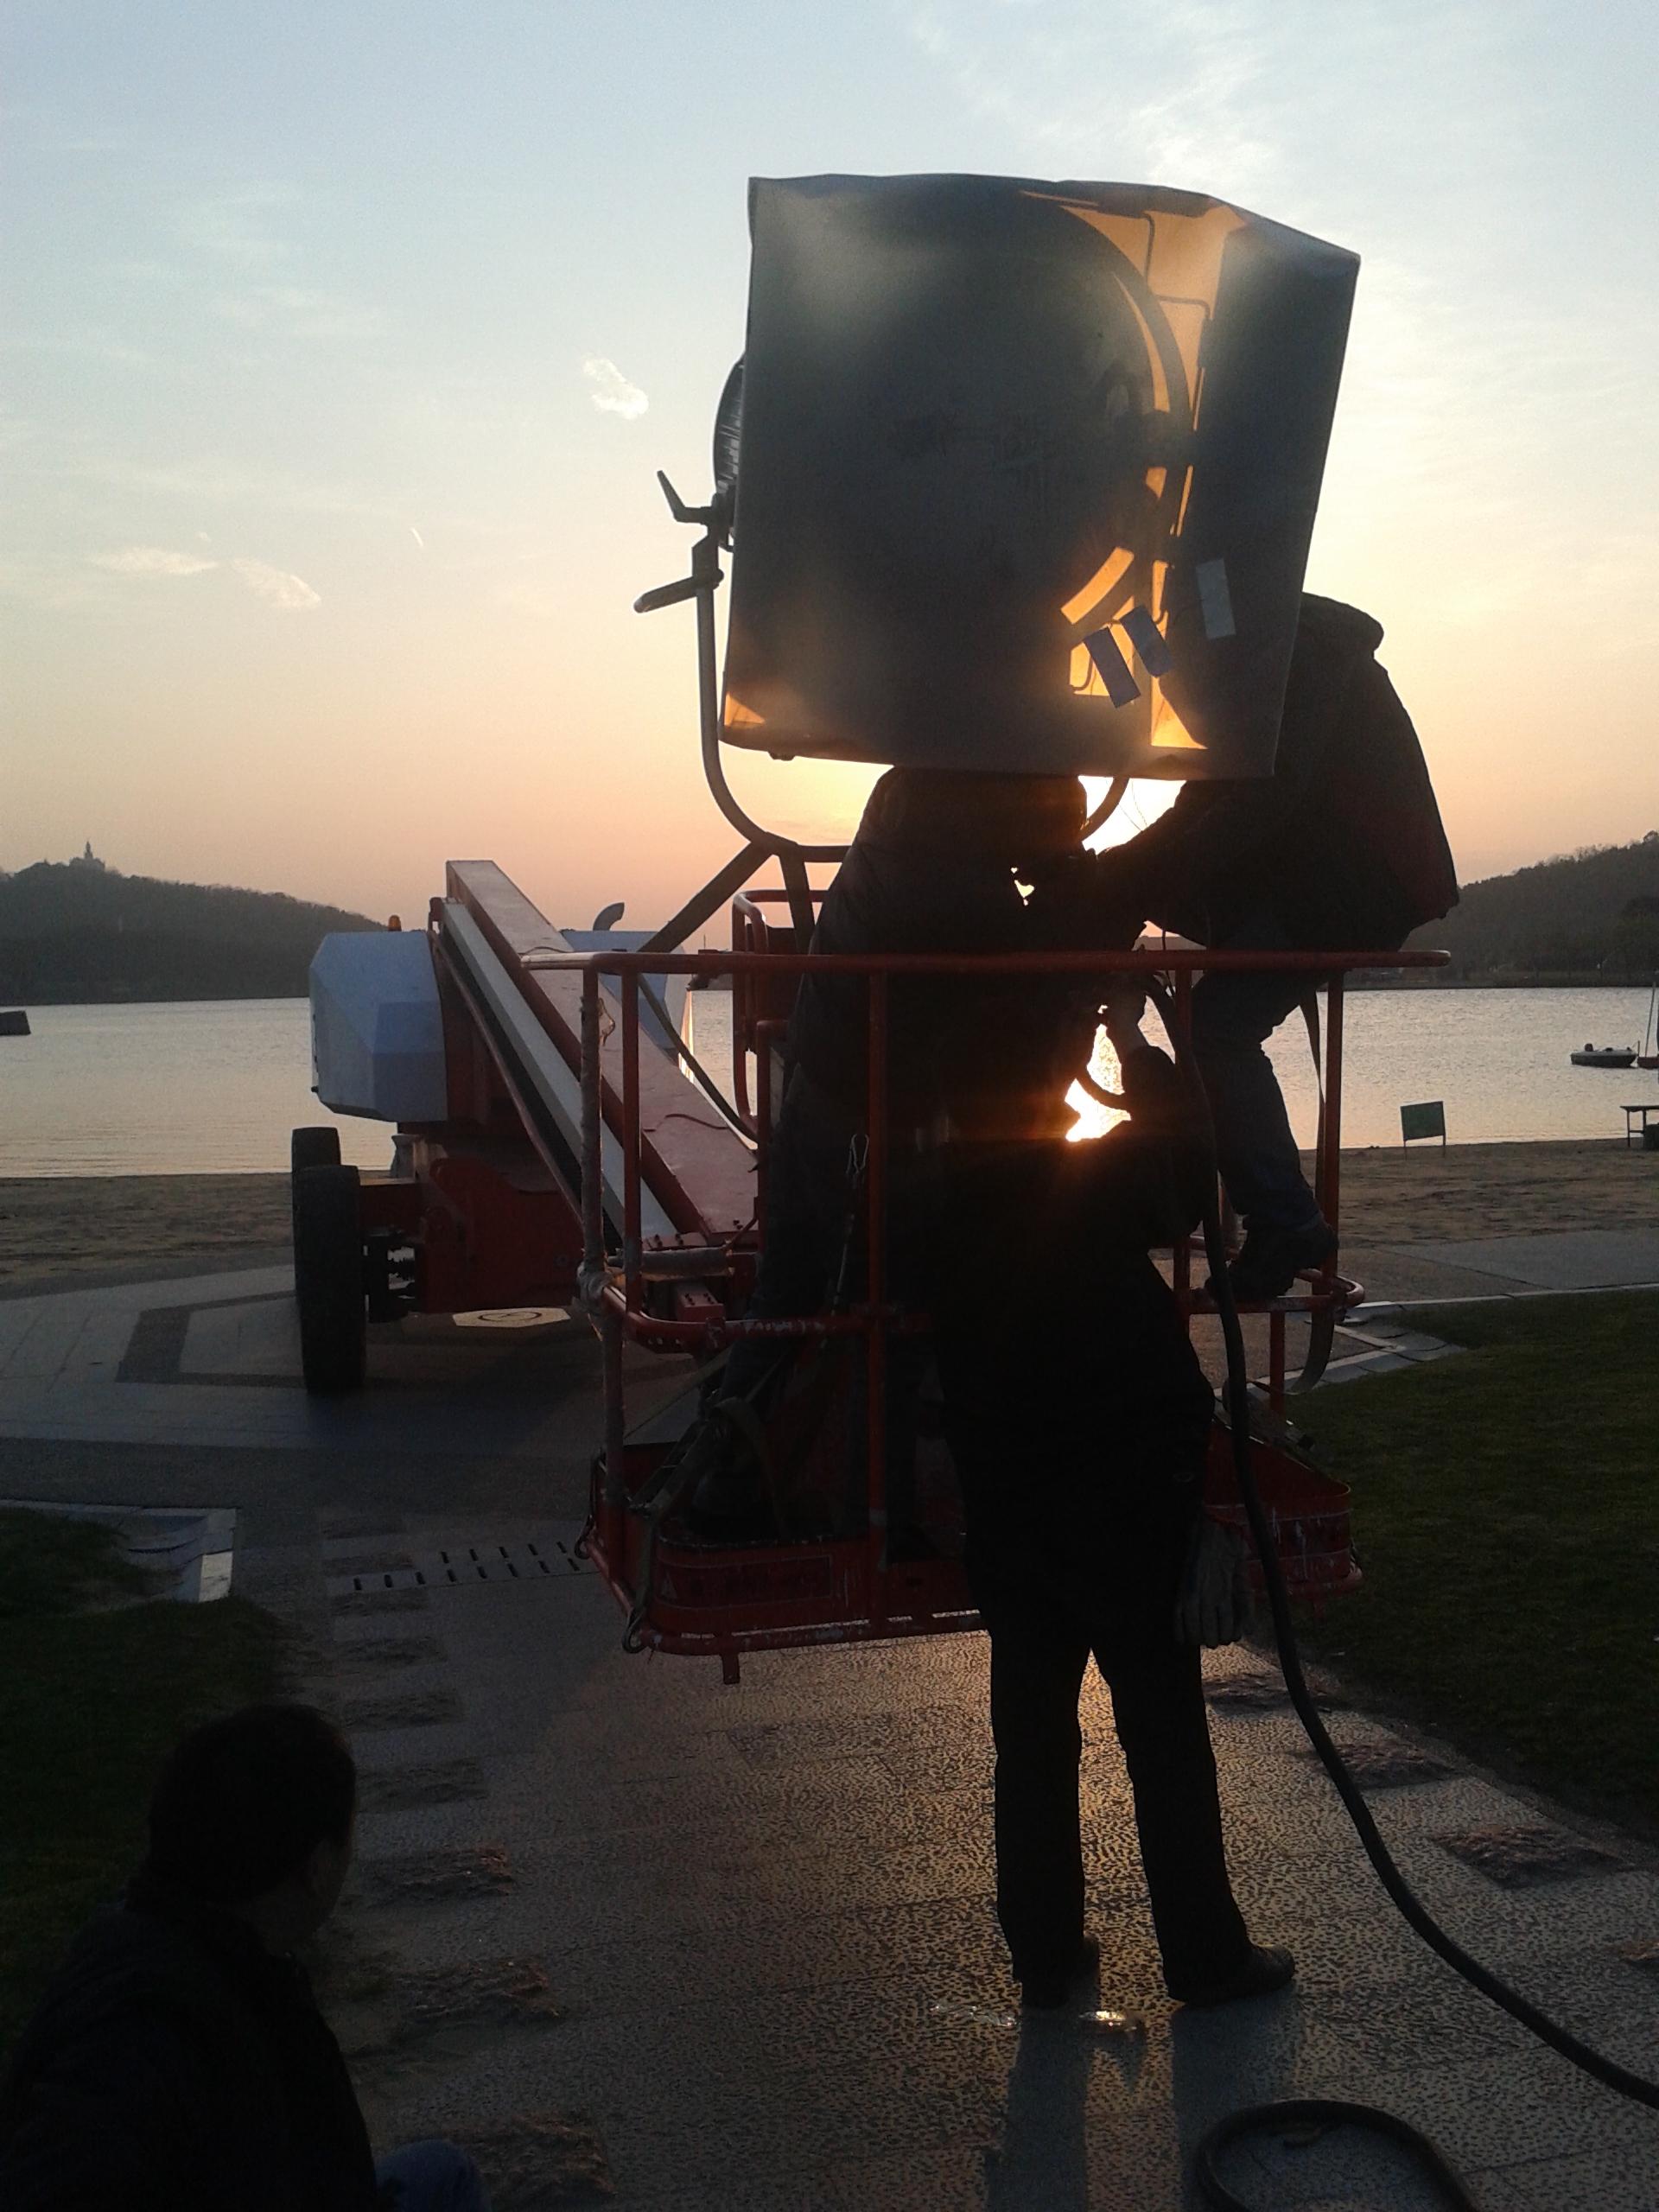 拍摄人员利用高空作业平台获得月光效果